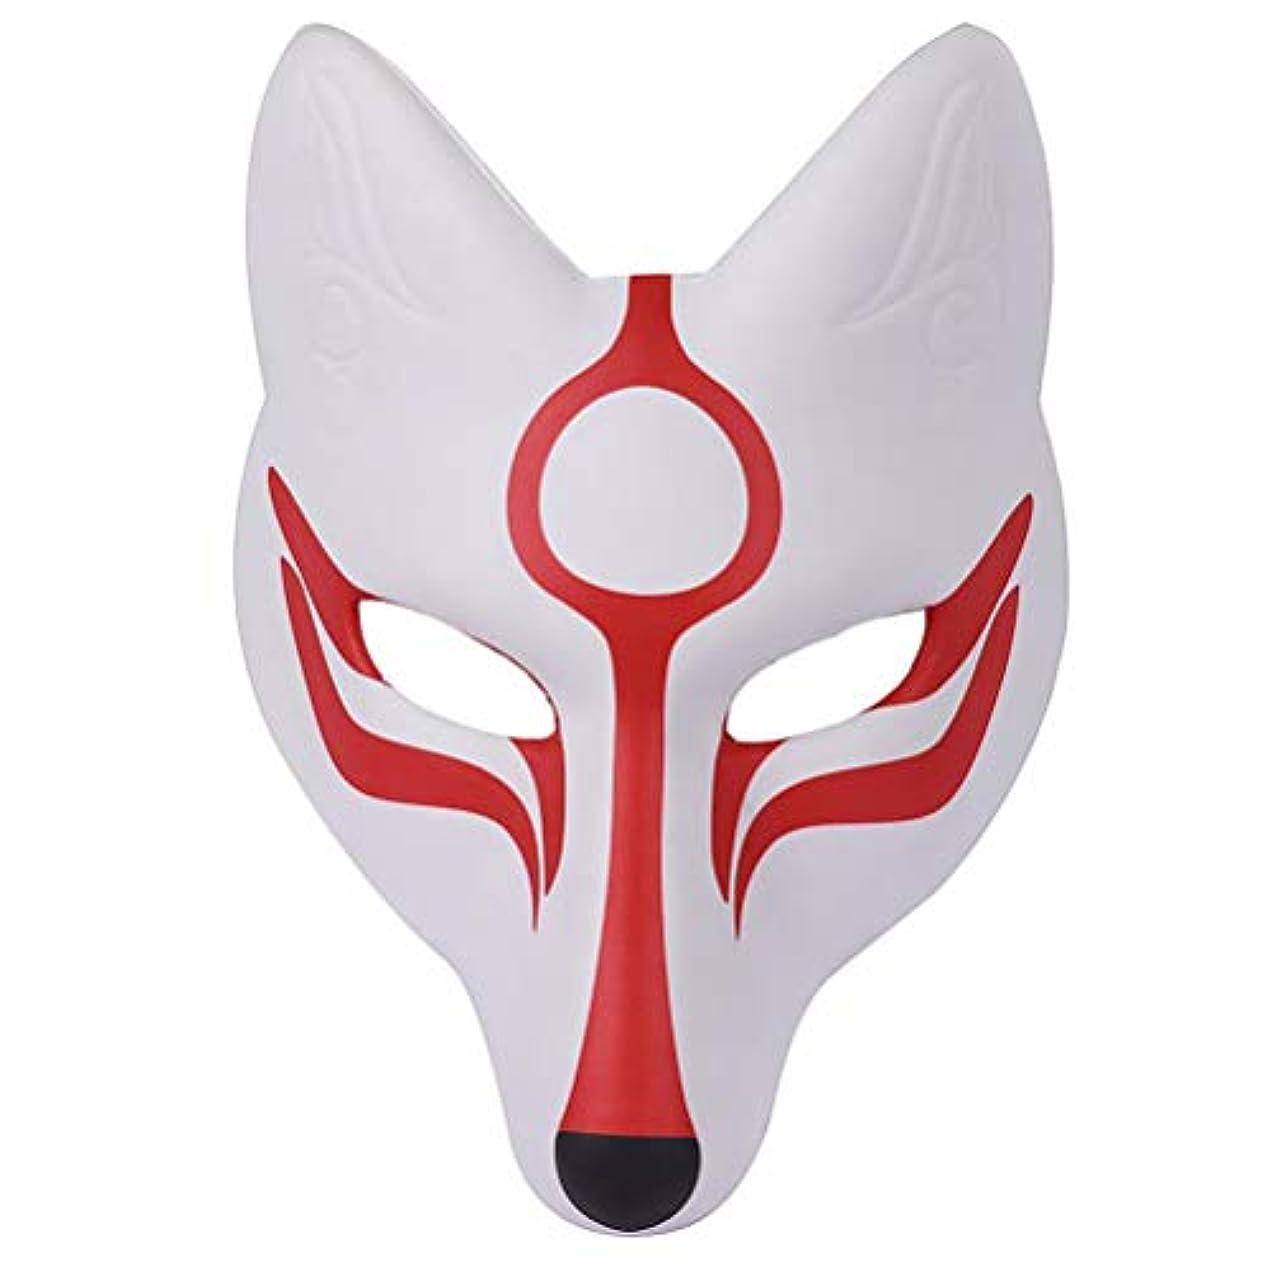 容器軍団降臨AMOSFUN フォックスマスク日本歌舞伎きつねマスク用男性女性子供ハロウィーン仮装衣装プロップ